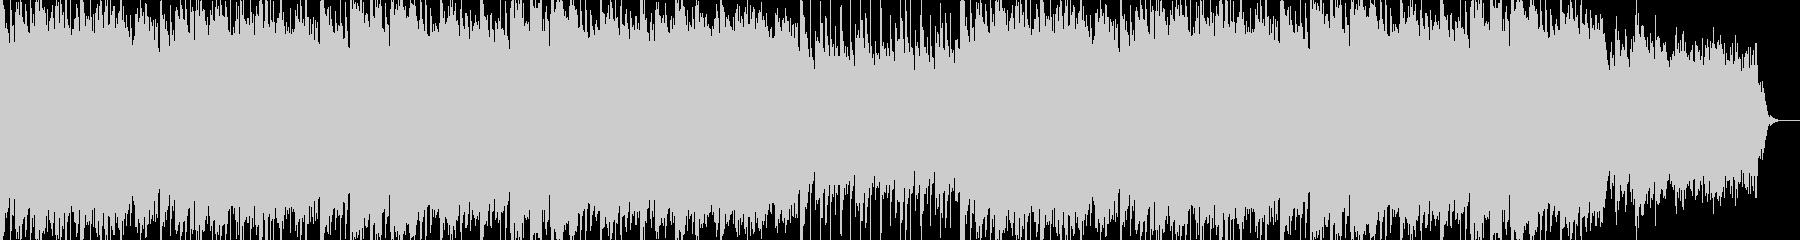 マリンバとアコーディオンの明るい曲の未再生の波形